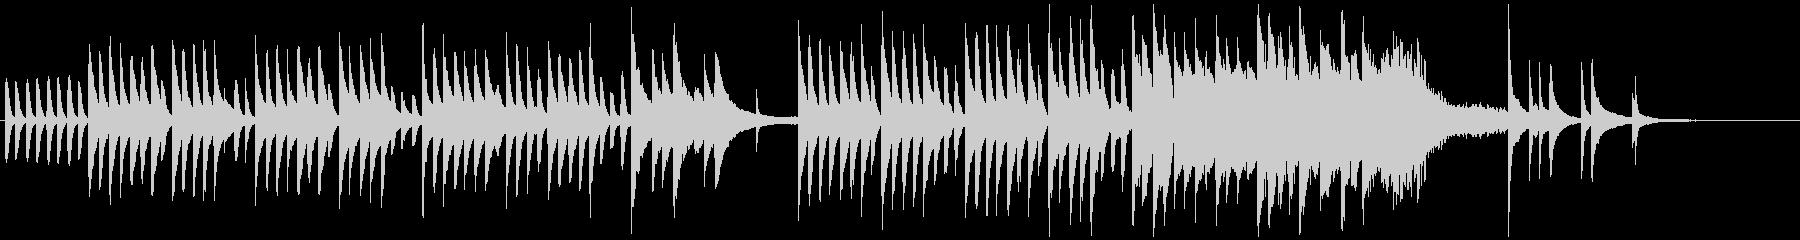 【ピアノ】料理・散歩・朝・日常の未再生の波形